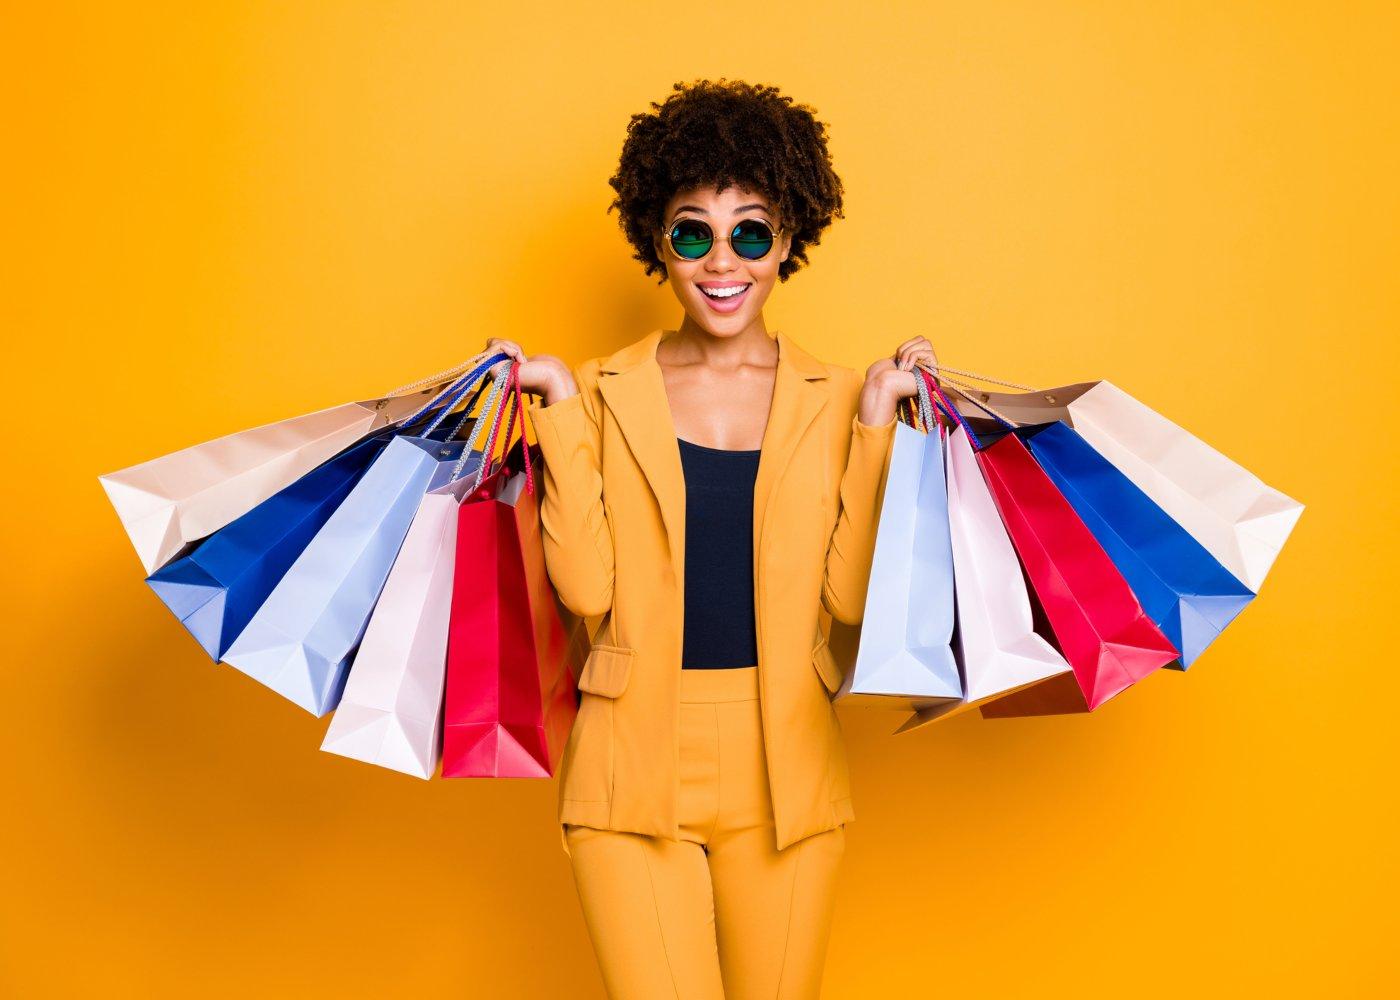 Melhores descontos em compras de roupa